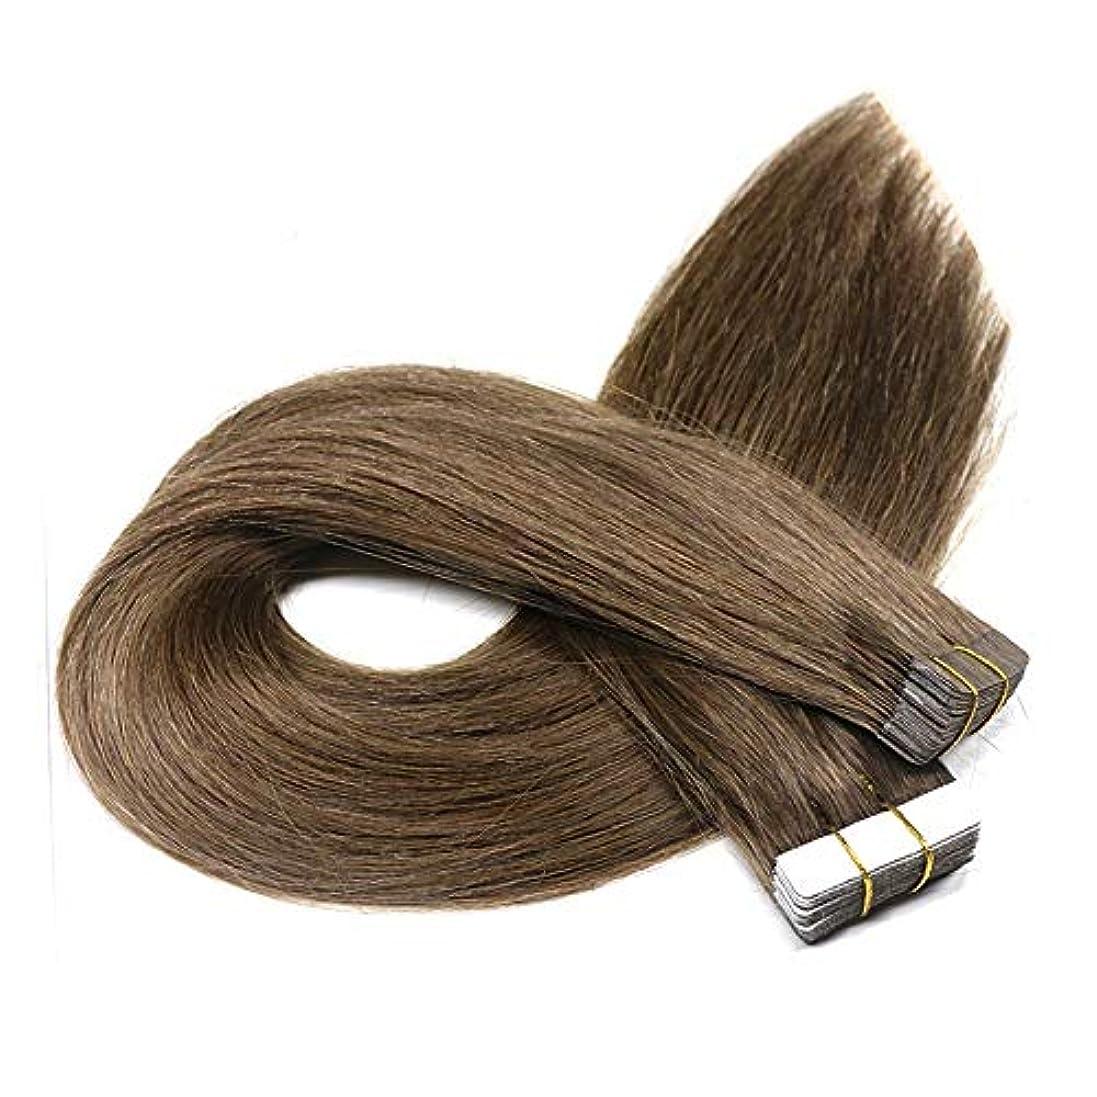 笑め言葉裏切り者WASAIO ヘアエクステンションクリップ人間でシームレスな髪型テープ - 100%未処理のレミーストレート横糸モトリー?ブラウンセンブランス (色 : ブラウン, サイズ : 14 inch)